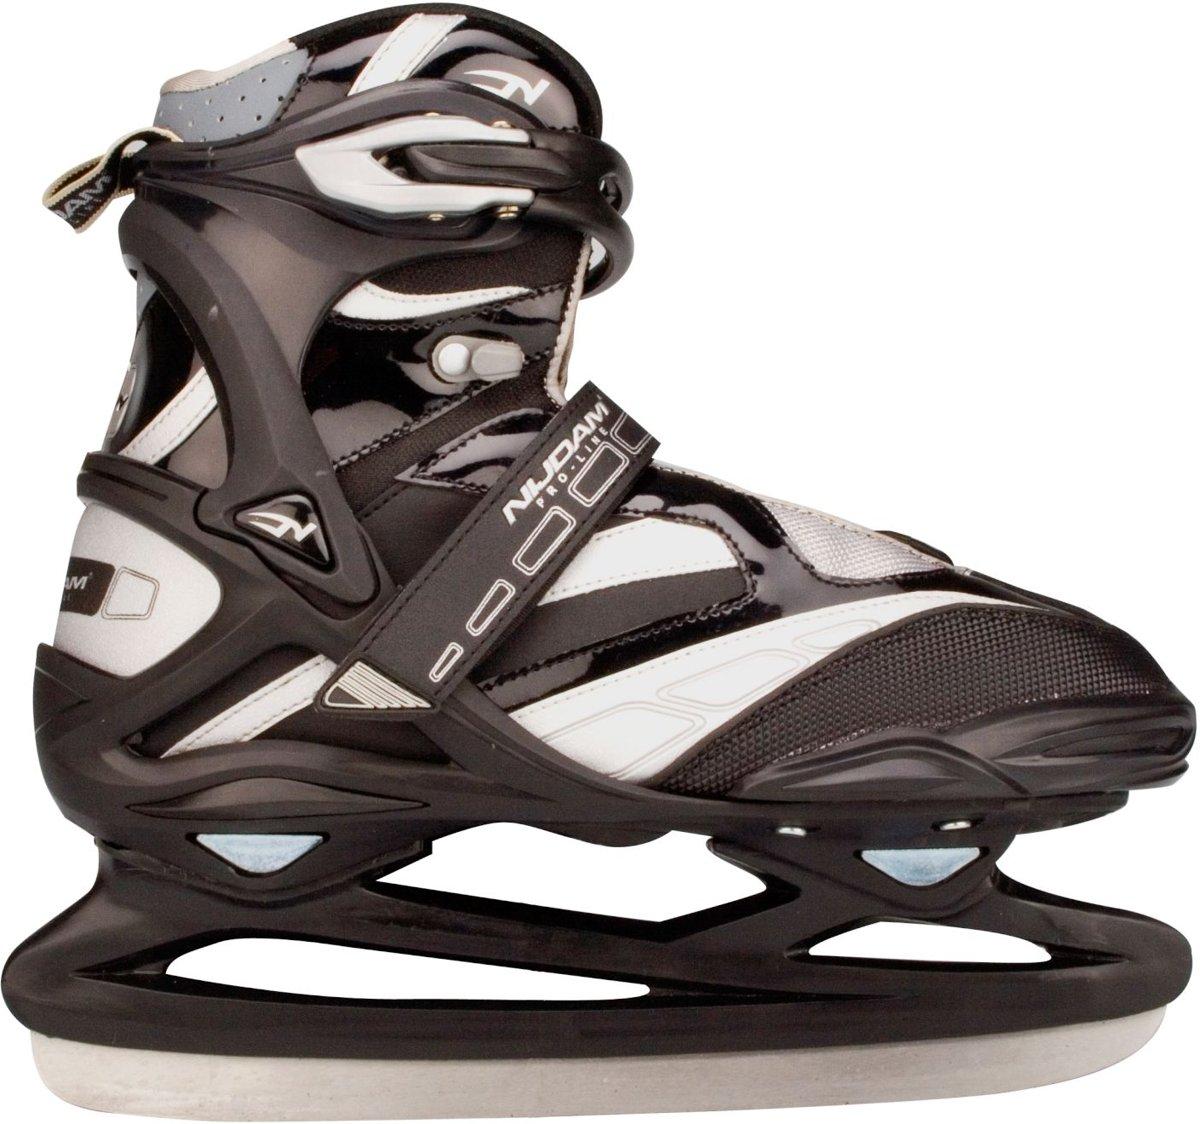 Nijdam 3381 Pro Line IJshockeyschaats - Schaatsen - Mannen - Zwart/Zilver - Maat 37